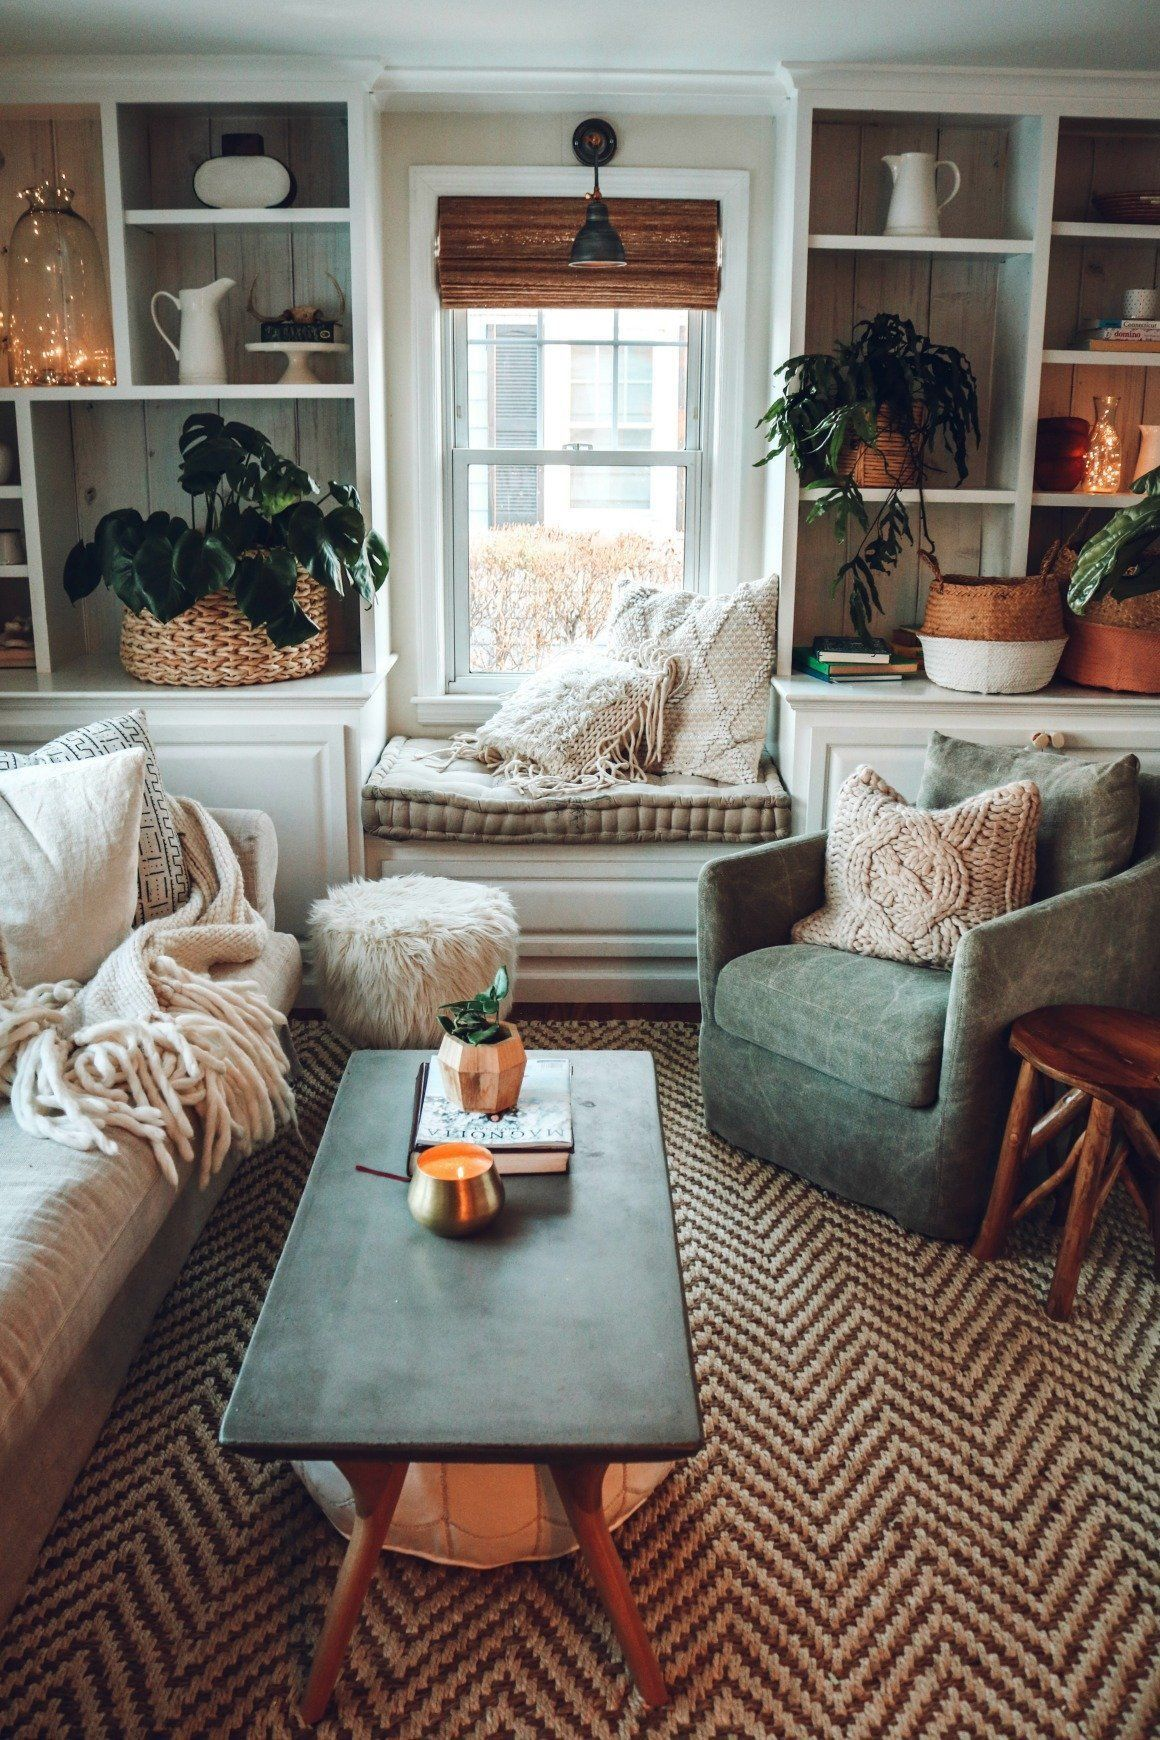 10 Ways your Home *could* Look Cheap - Nesting With Grace #einrichten #dekoration #wohnung #hausdekoration #schlafzimmer #wohnzimmer #hausdekor #wohnideen #dekorationwohnung